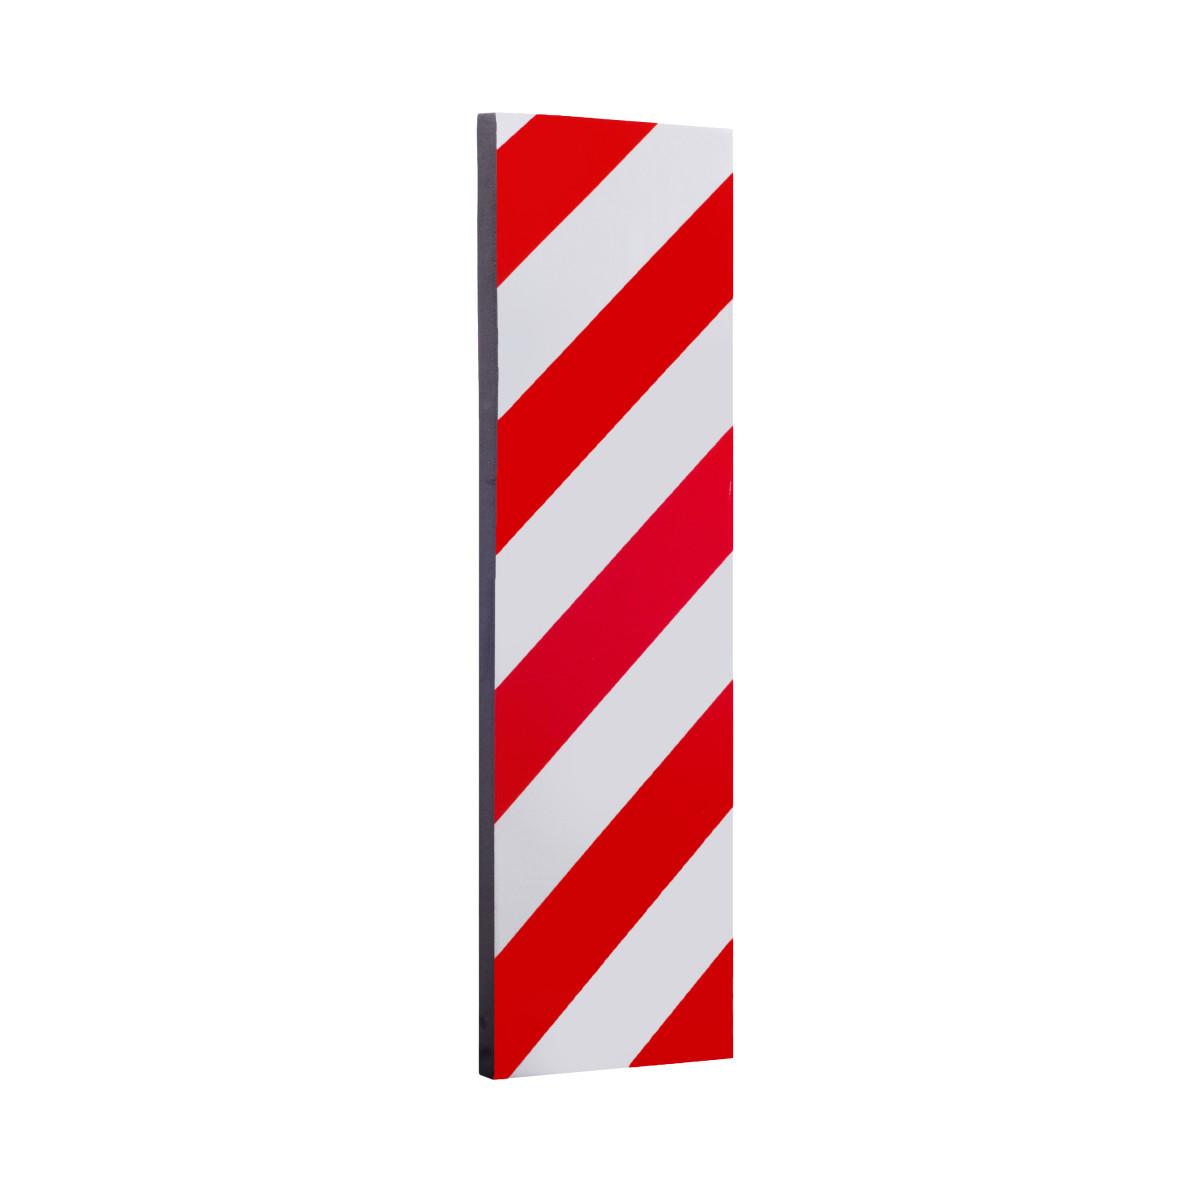 Демпфер для стен 50x15 см пластик цвет красный/белый